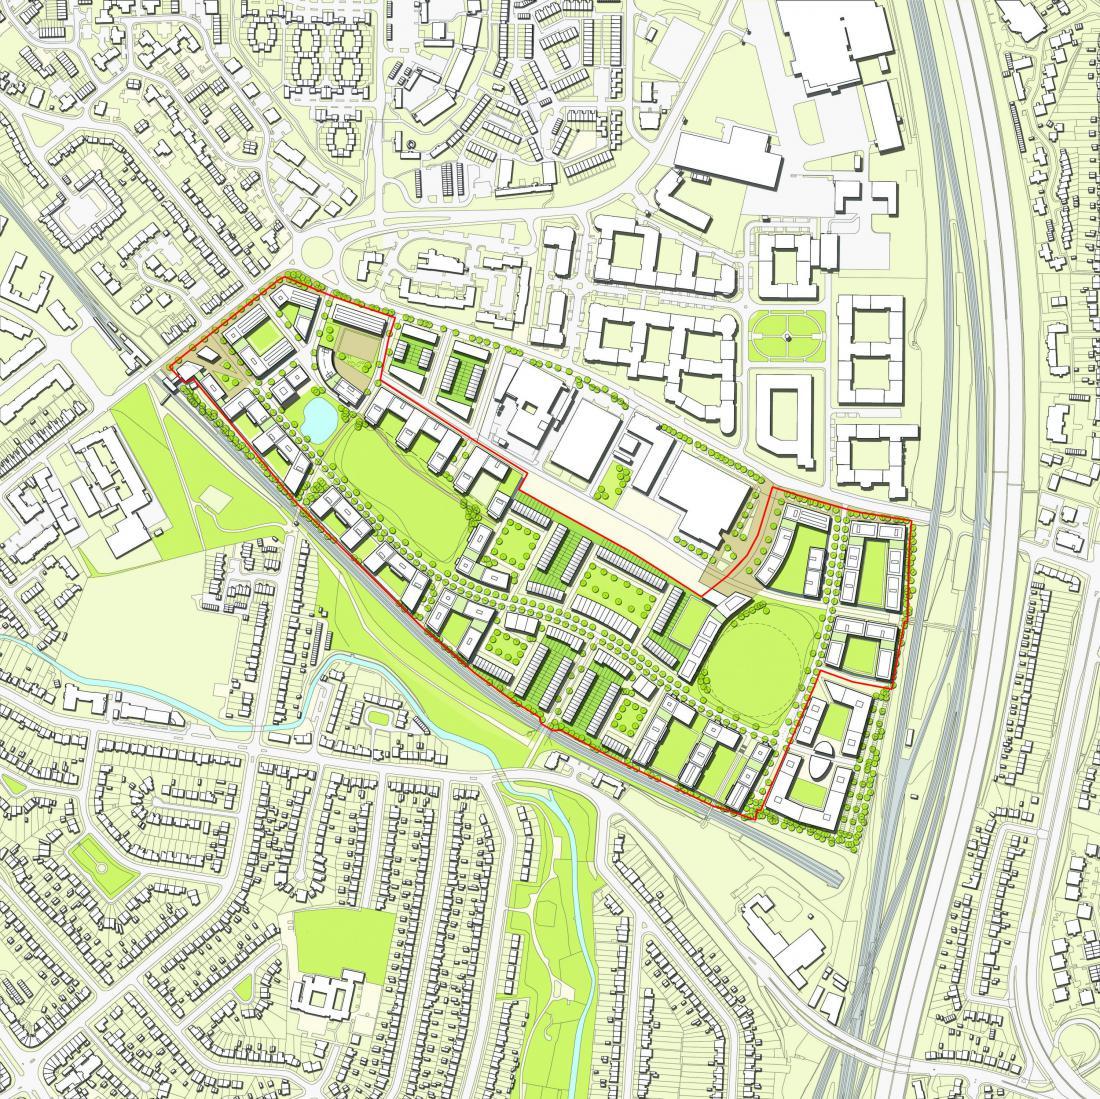 Peel Framework Masterplan